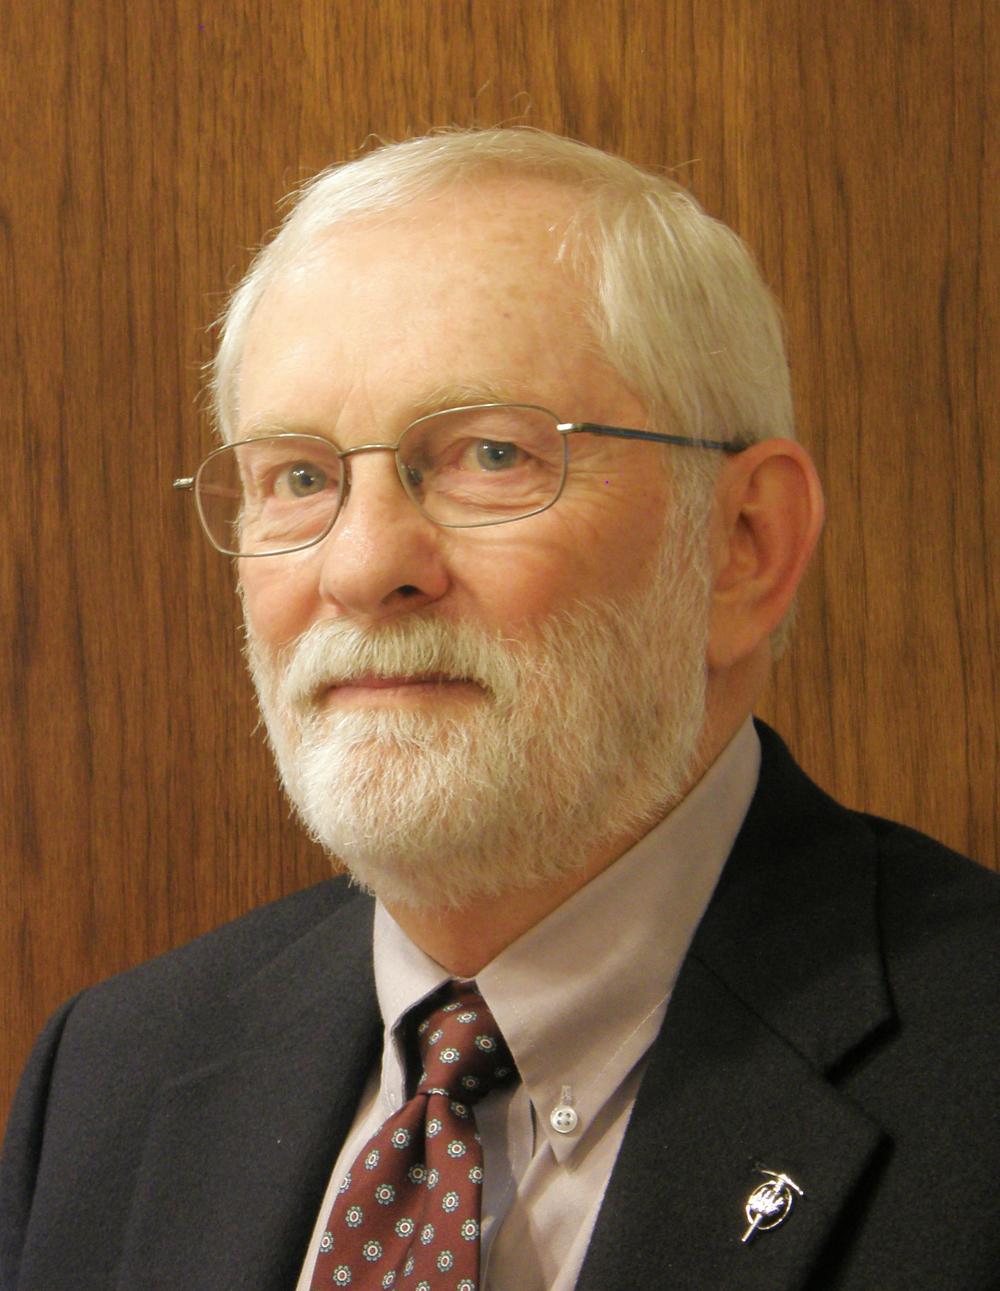 Dr. Lou Taylor